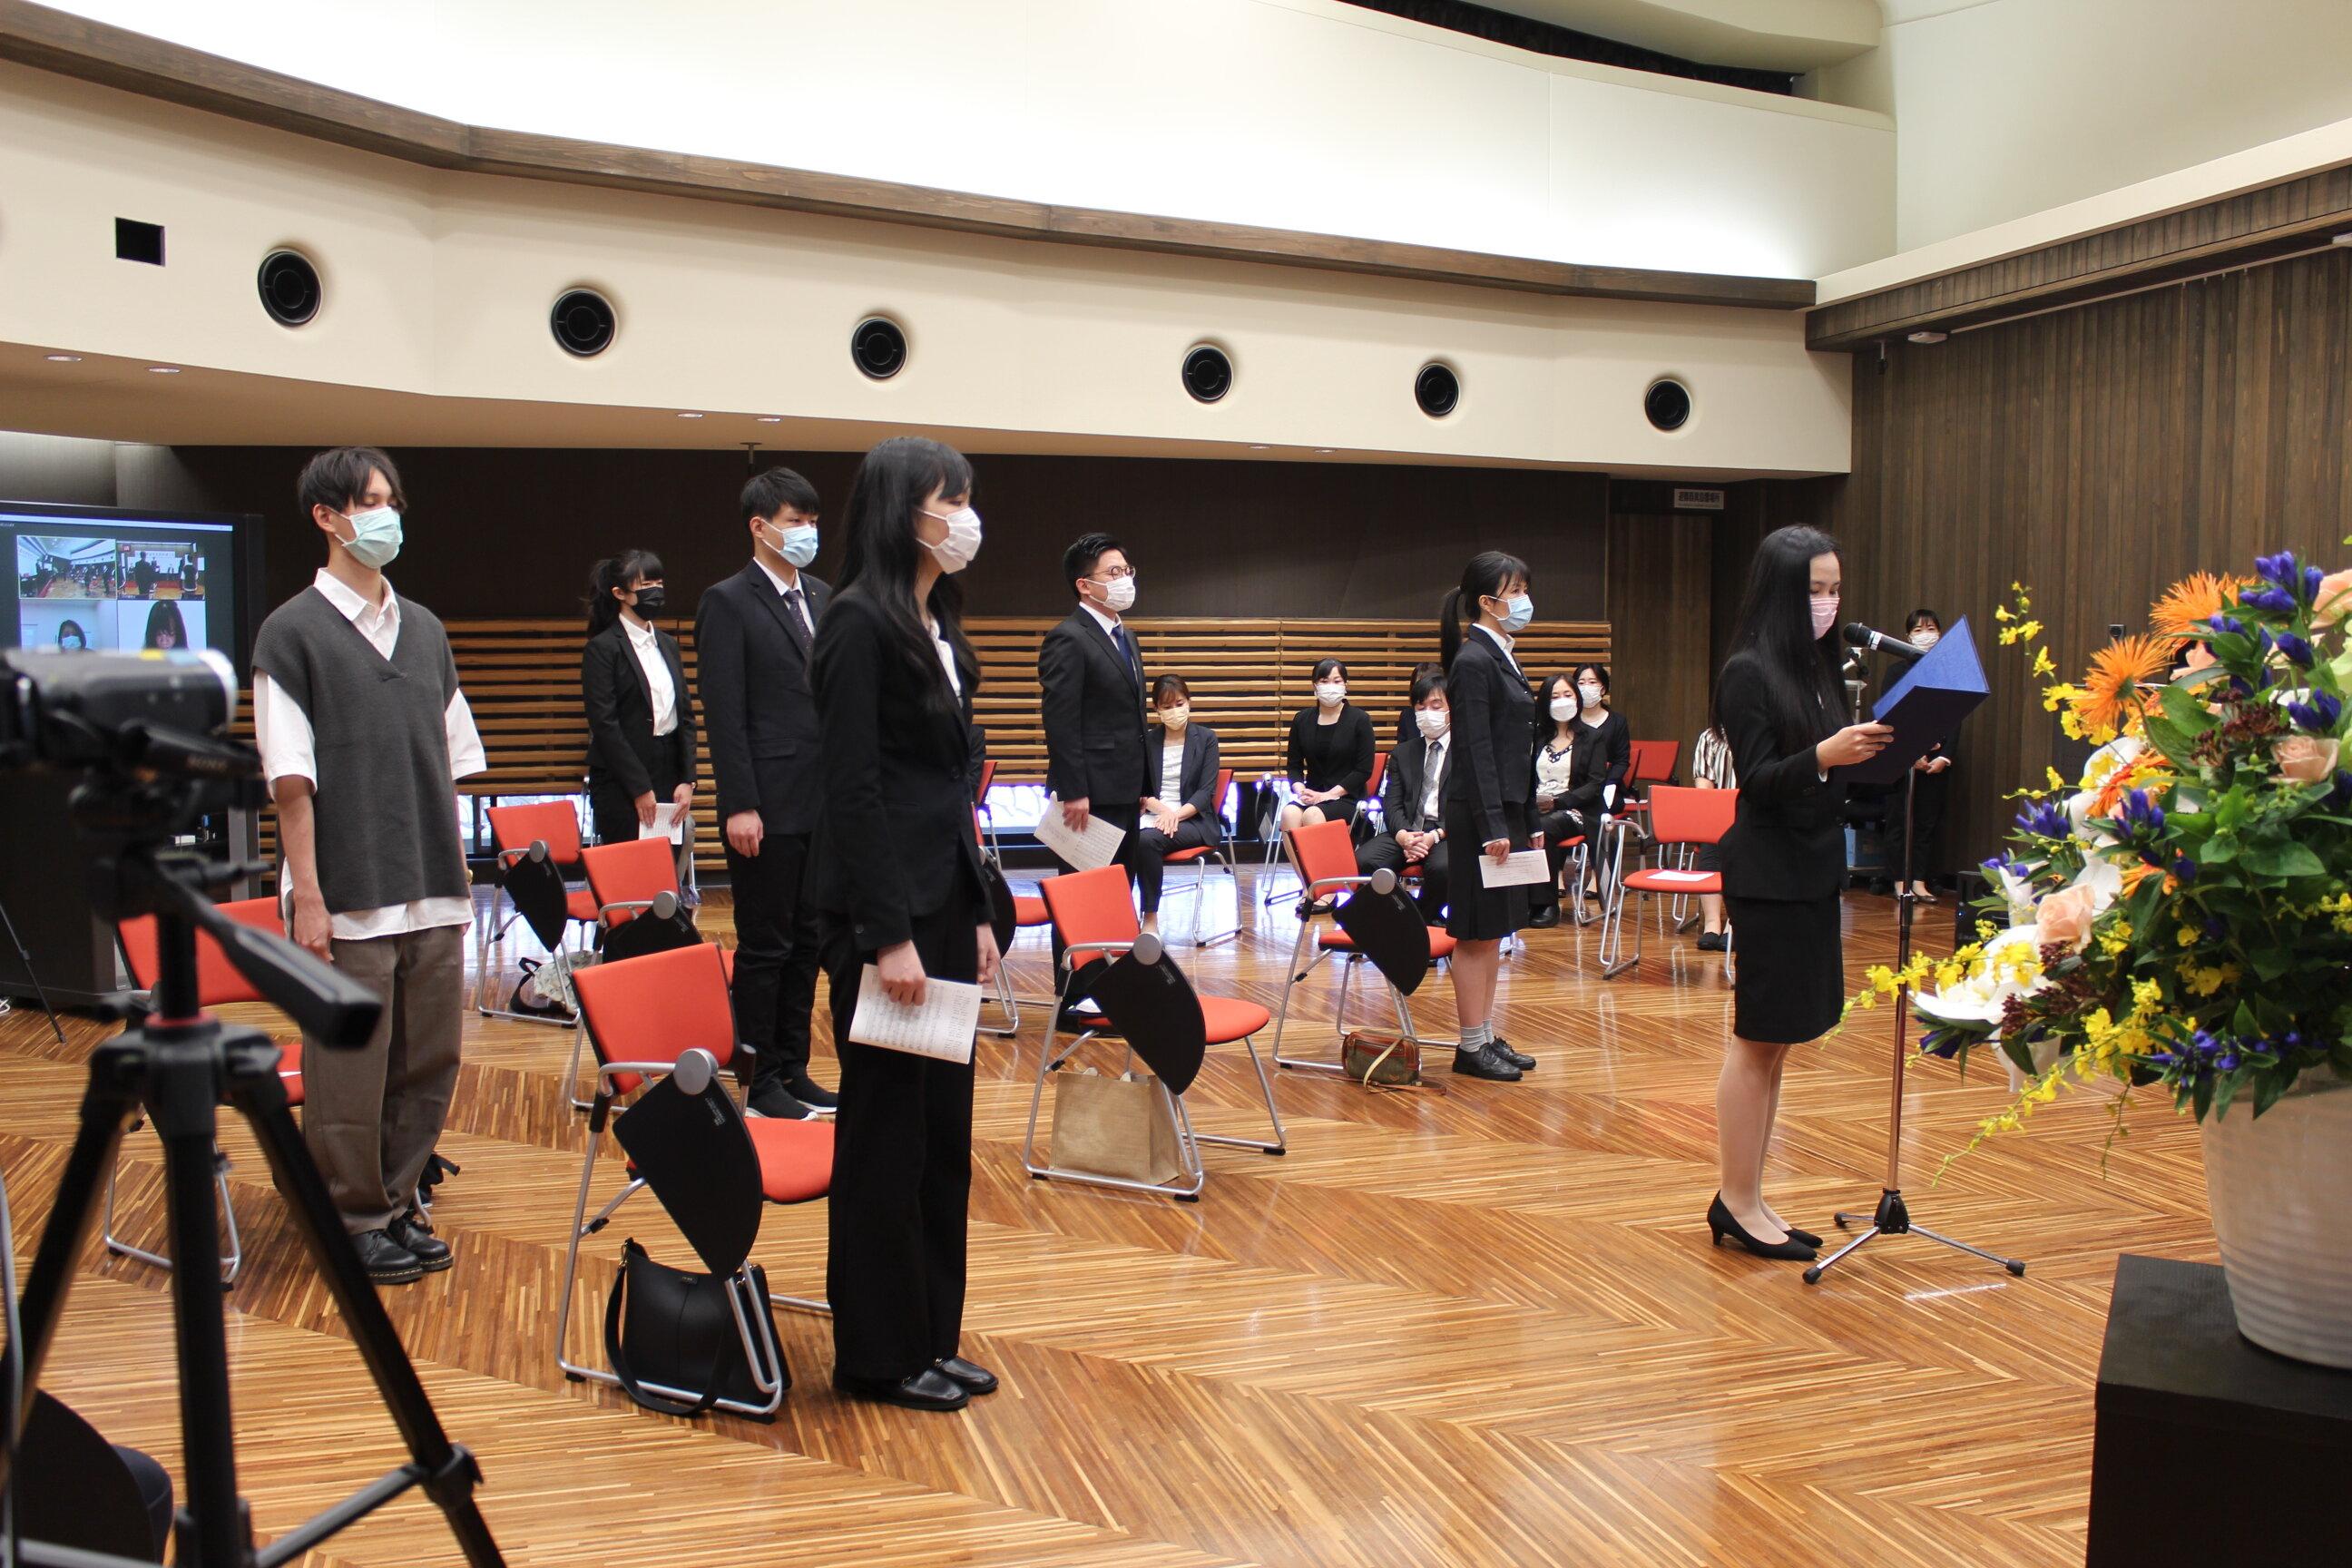 Tổ chức lễ hoàn thành Khóa học đặc biệt dành cho du học sinh Đại học Kansai Học kỳ mùa Xuân năm 2021.